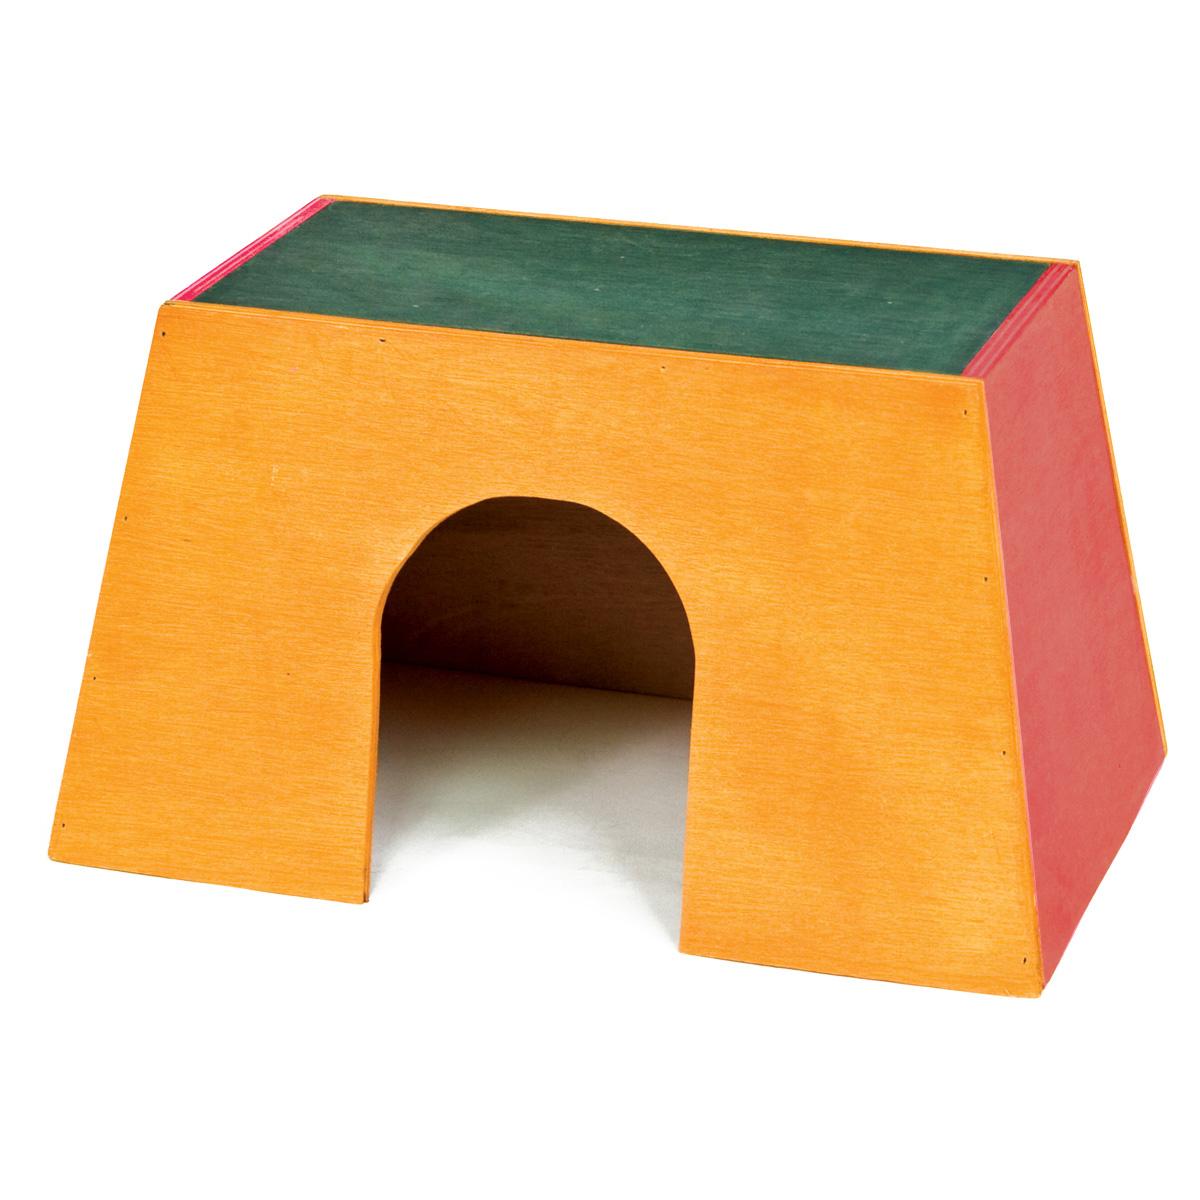 Small Animal Play House